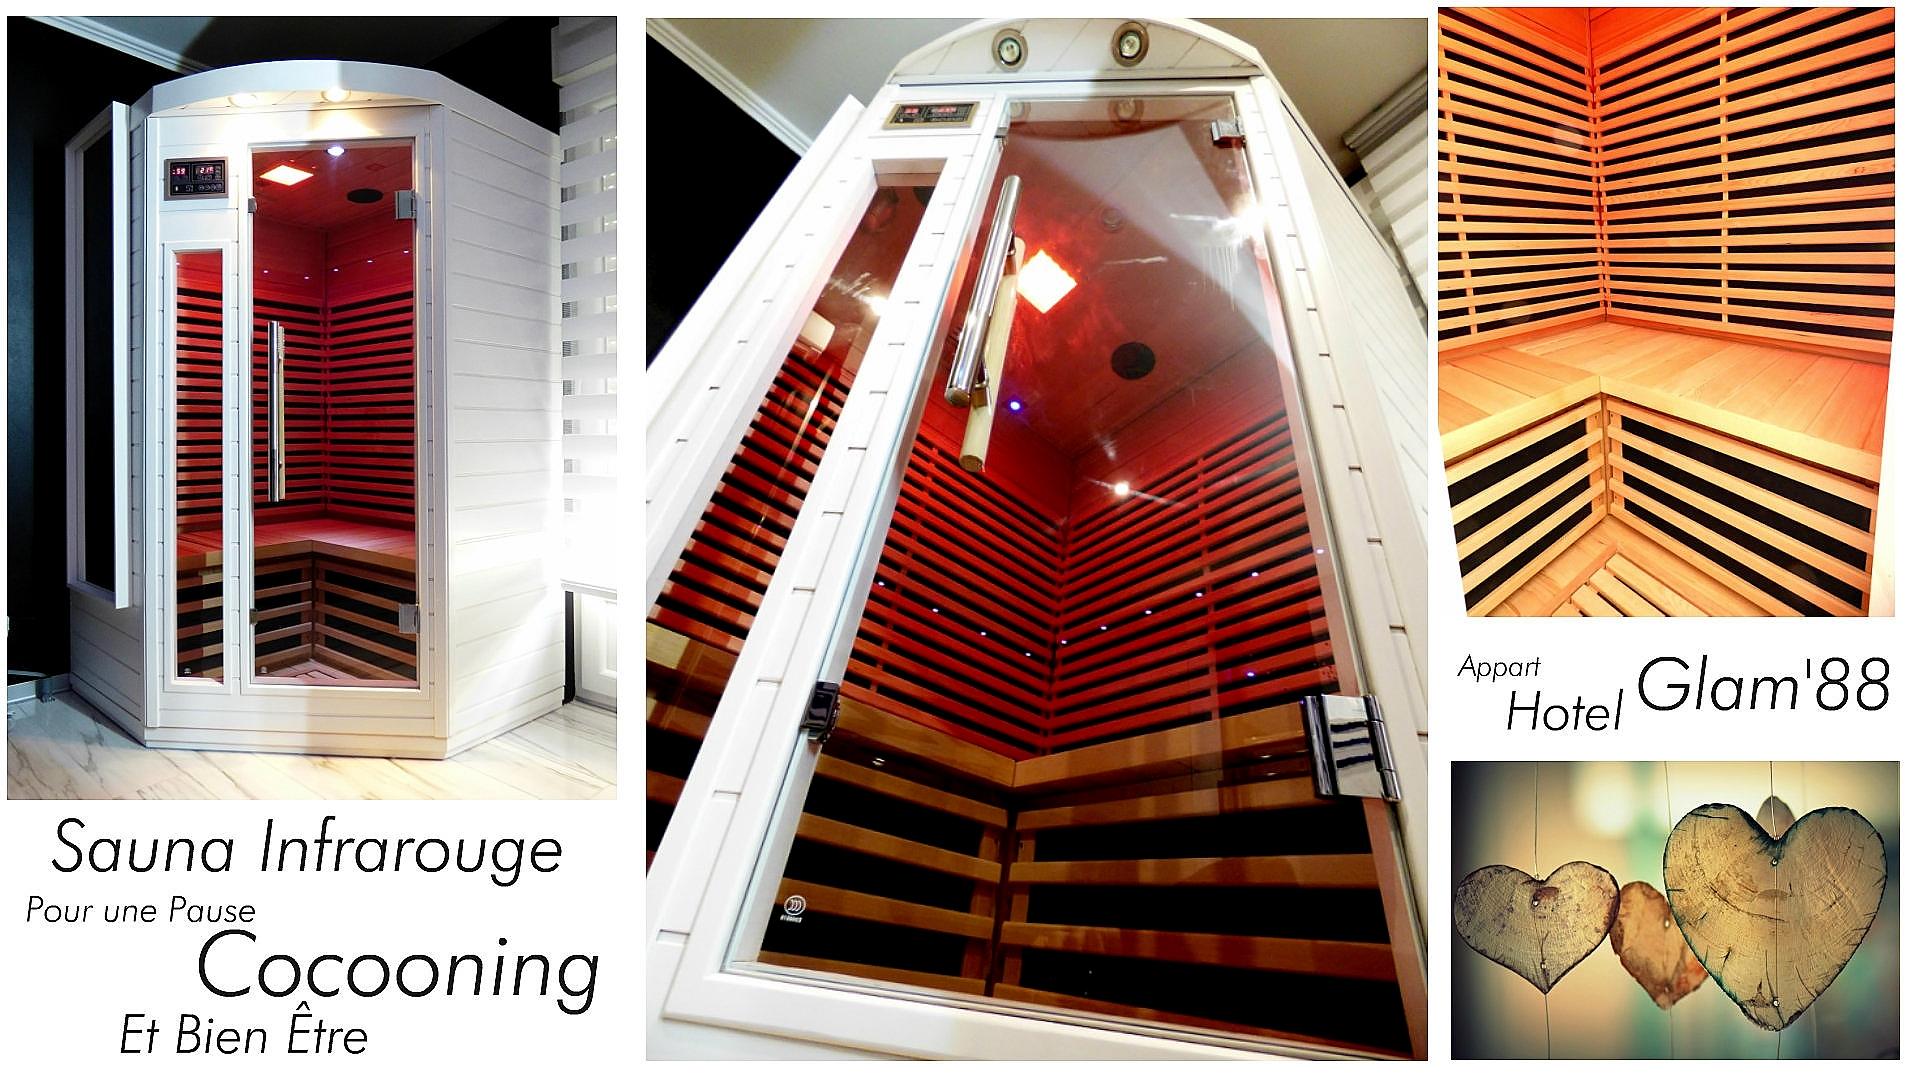 Chambre avec Sauna et Jacuzzi privé appart hotel glam88 vosges